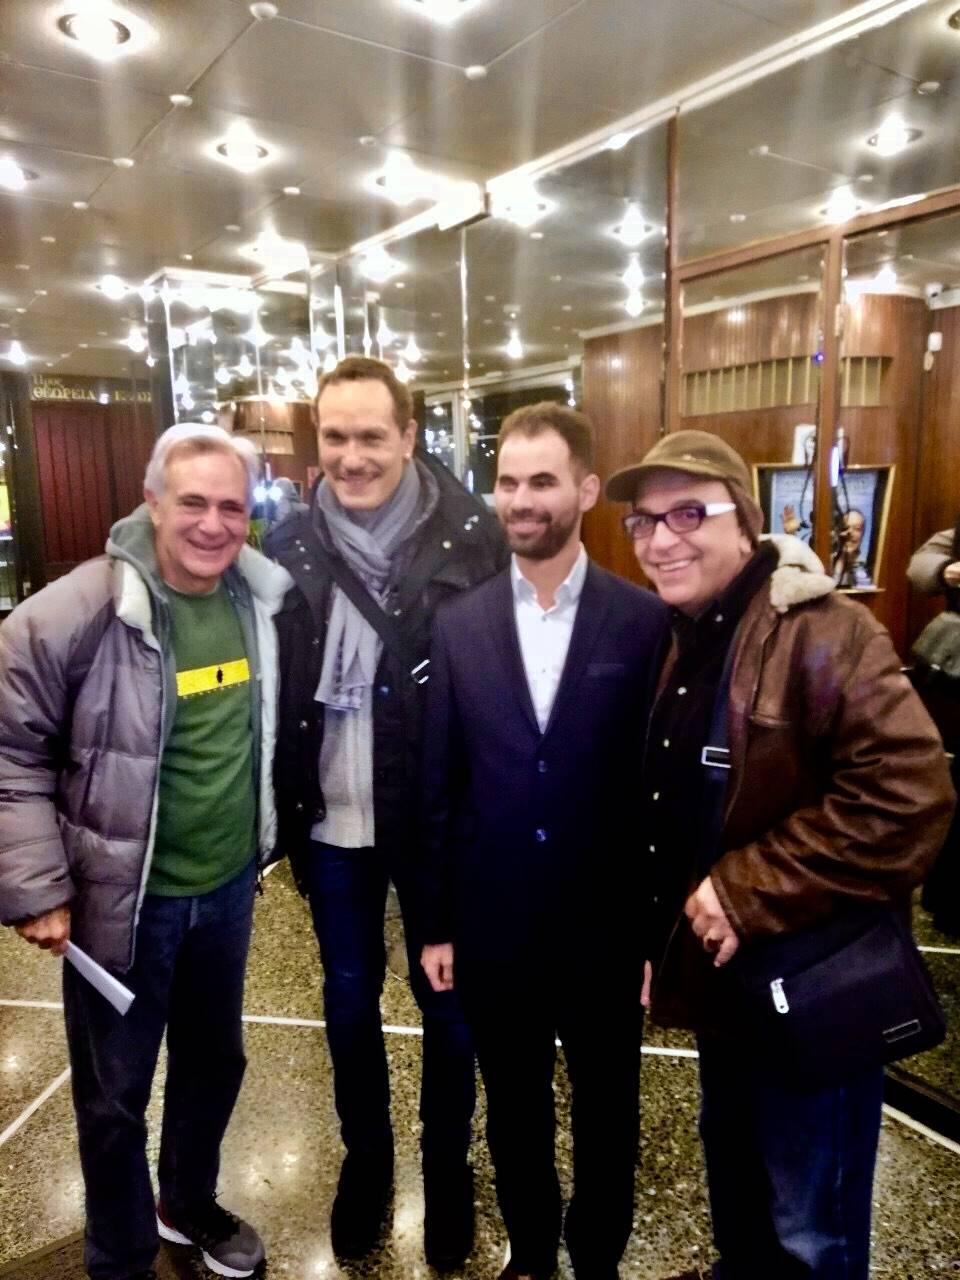 Ο Γιάννης Ζουγανέλης, ο Βασίλης Κούκουρας, ο Σπύρος Μπιμπίλας και ο Βαγγέλης Αυγουλάς